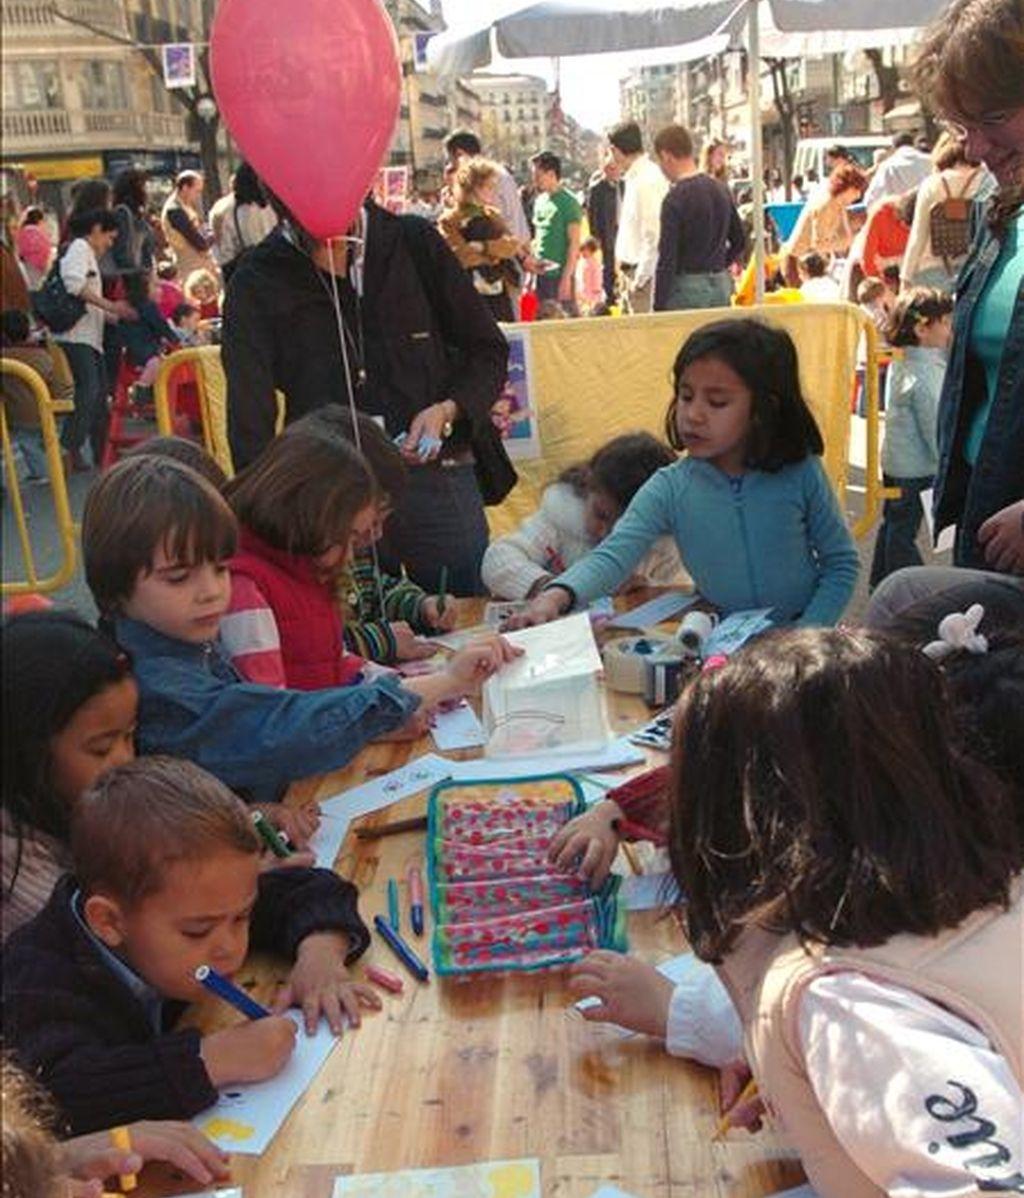 Un grupo de niños participa en las actividades lúdicas preparadas por la primera Feria del Libro Infantil organizada en el distrito madrileño de Chamberí con el objetivo prioritario de fomentar la lectura. EFE/Archivo